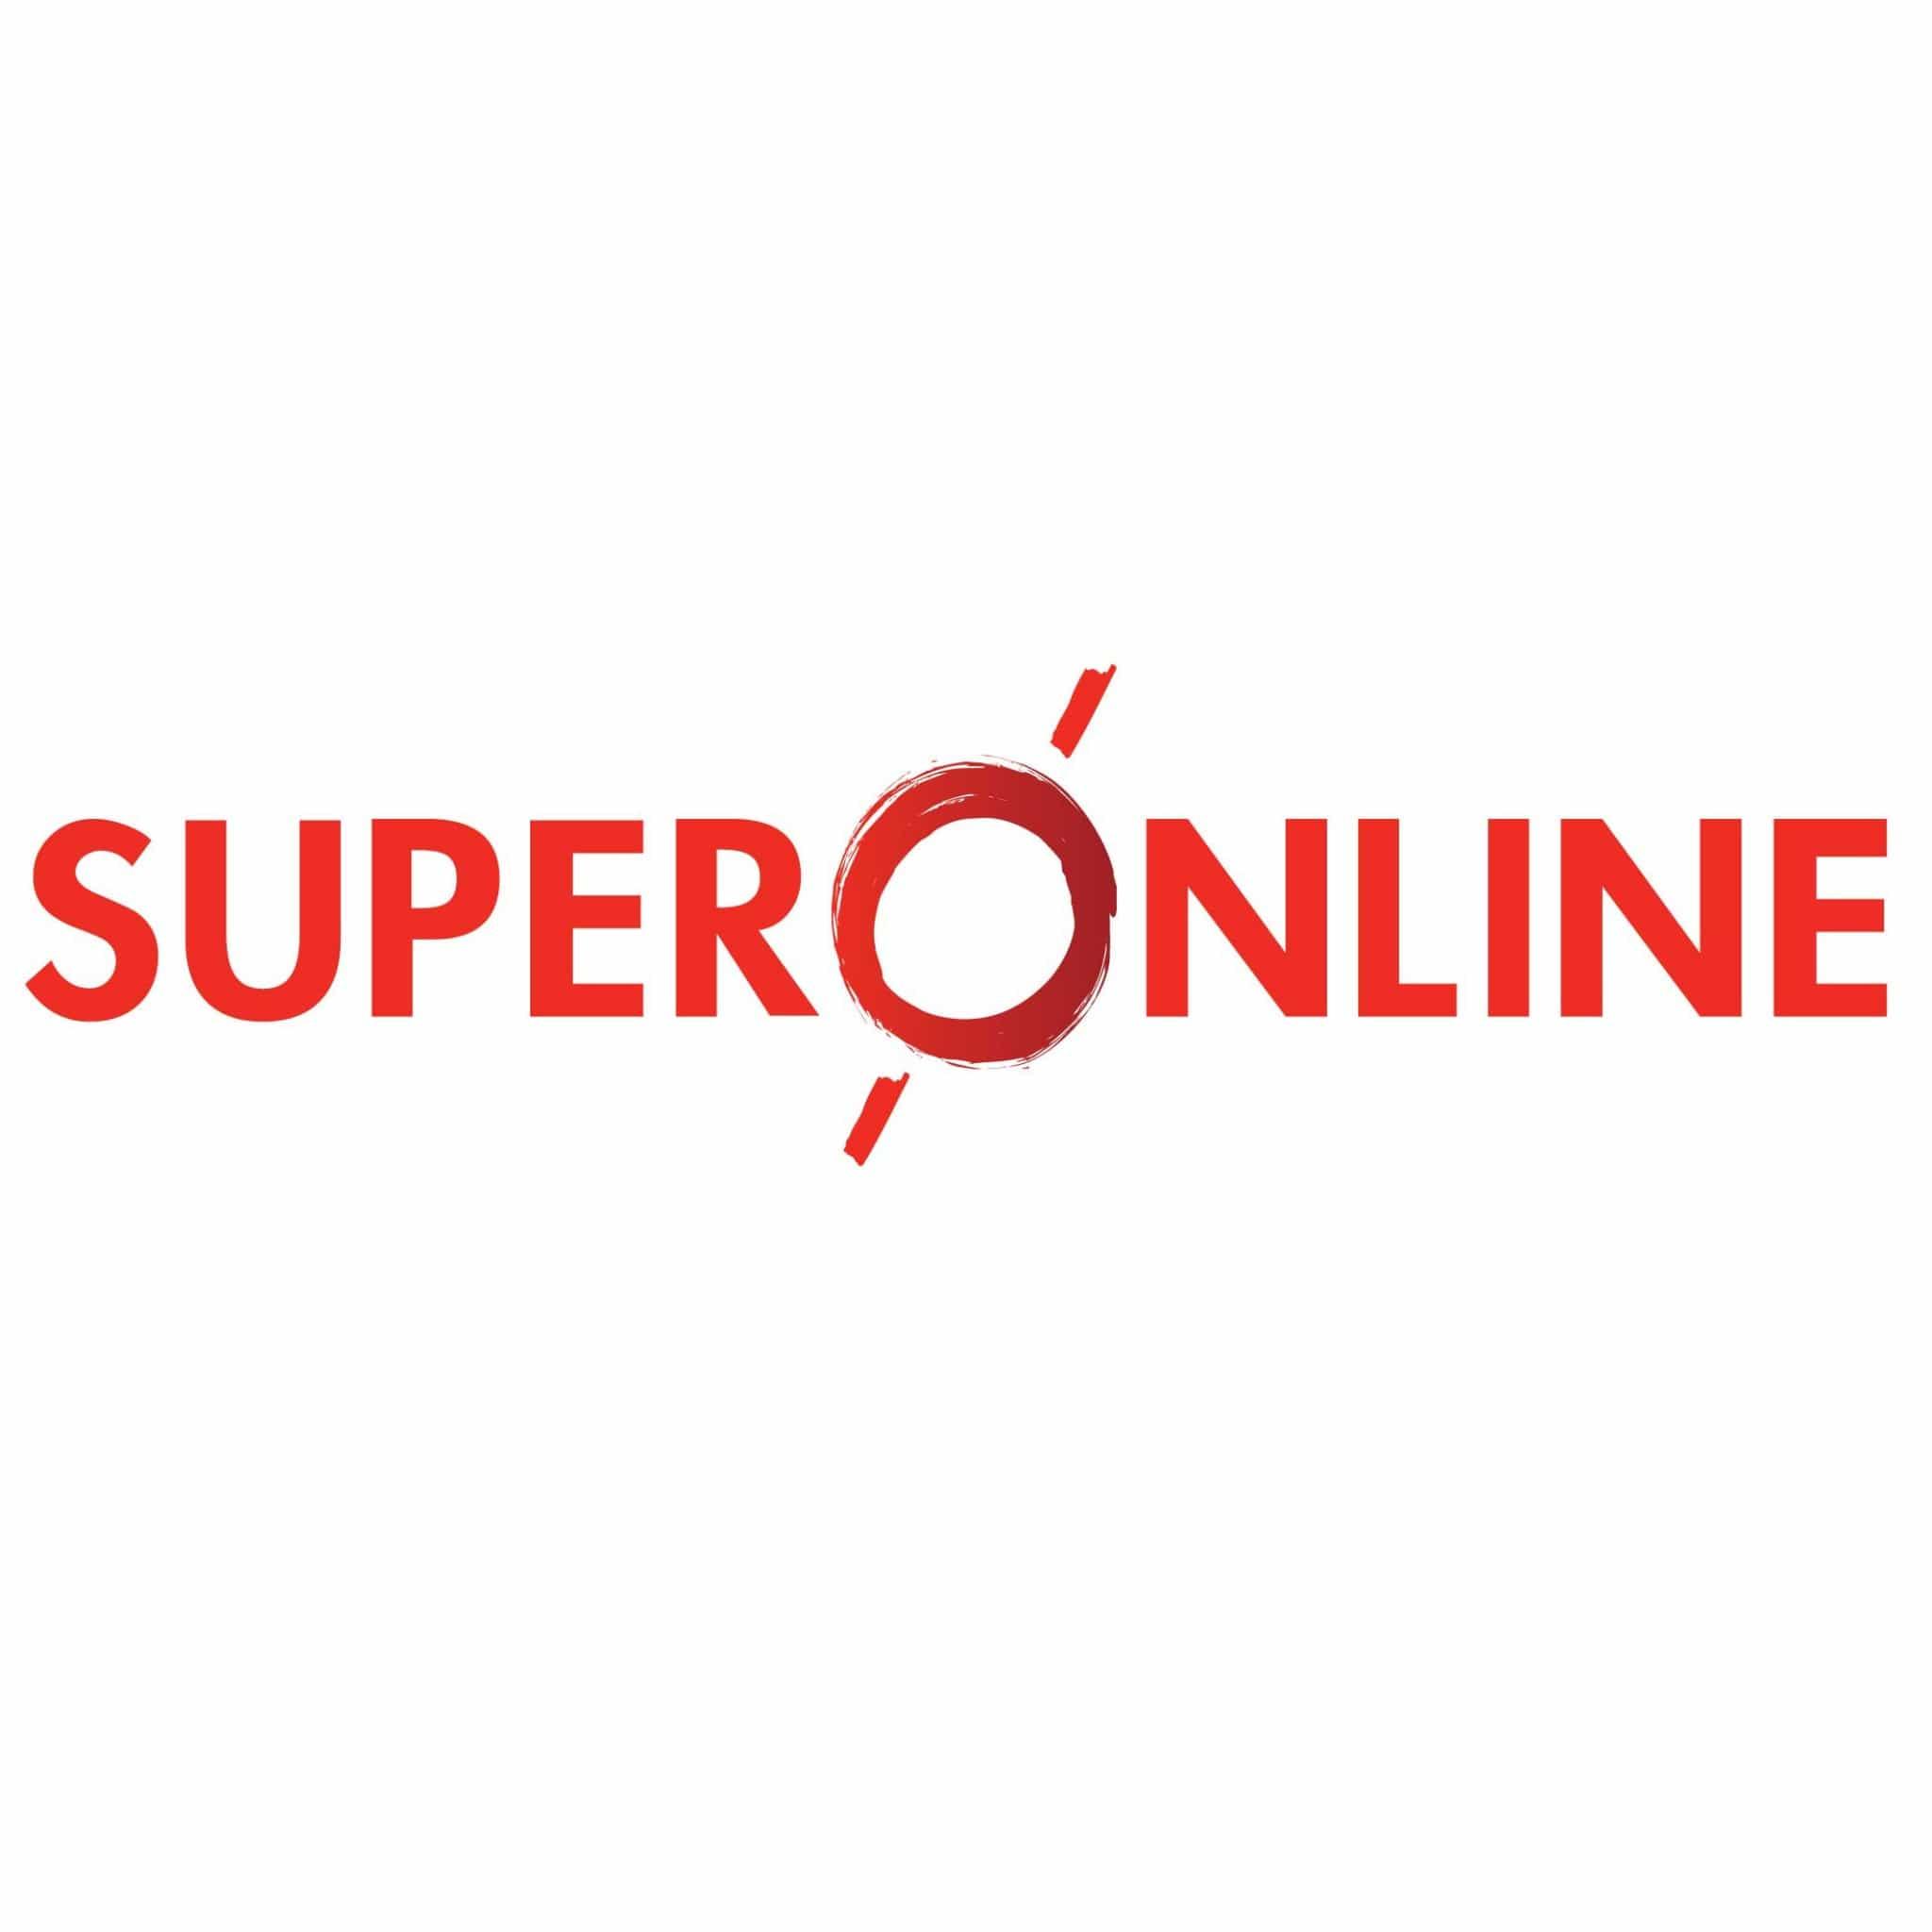 SUPERONLİNE MÜŞTERİ HİZMETLERİ İLETİŞİM TELEFON NUMARASI